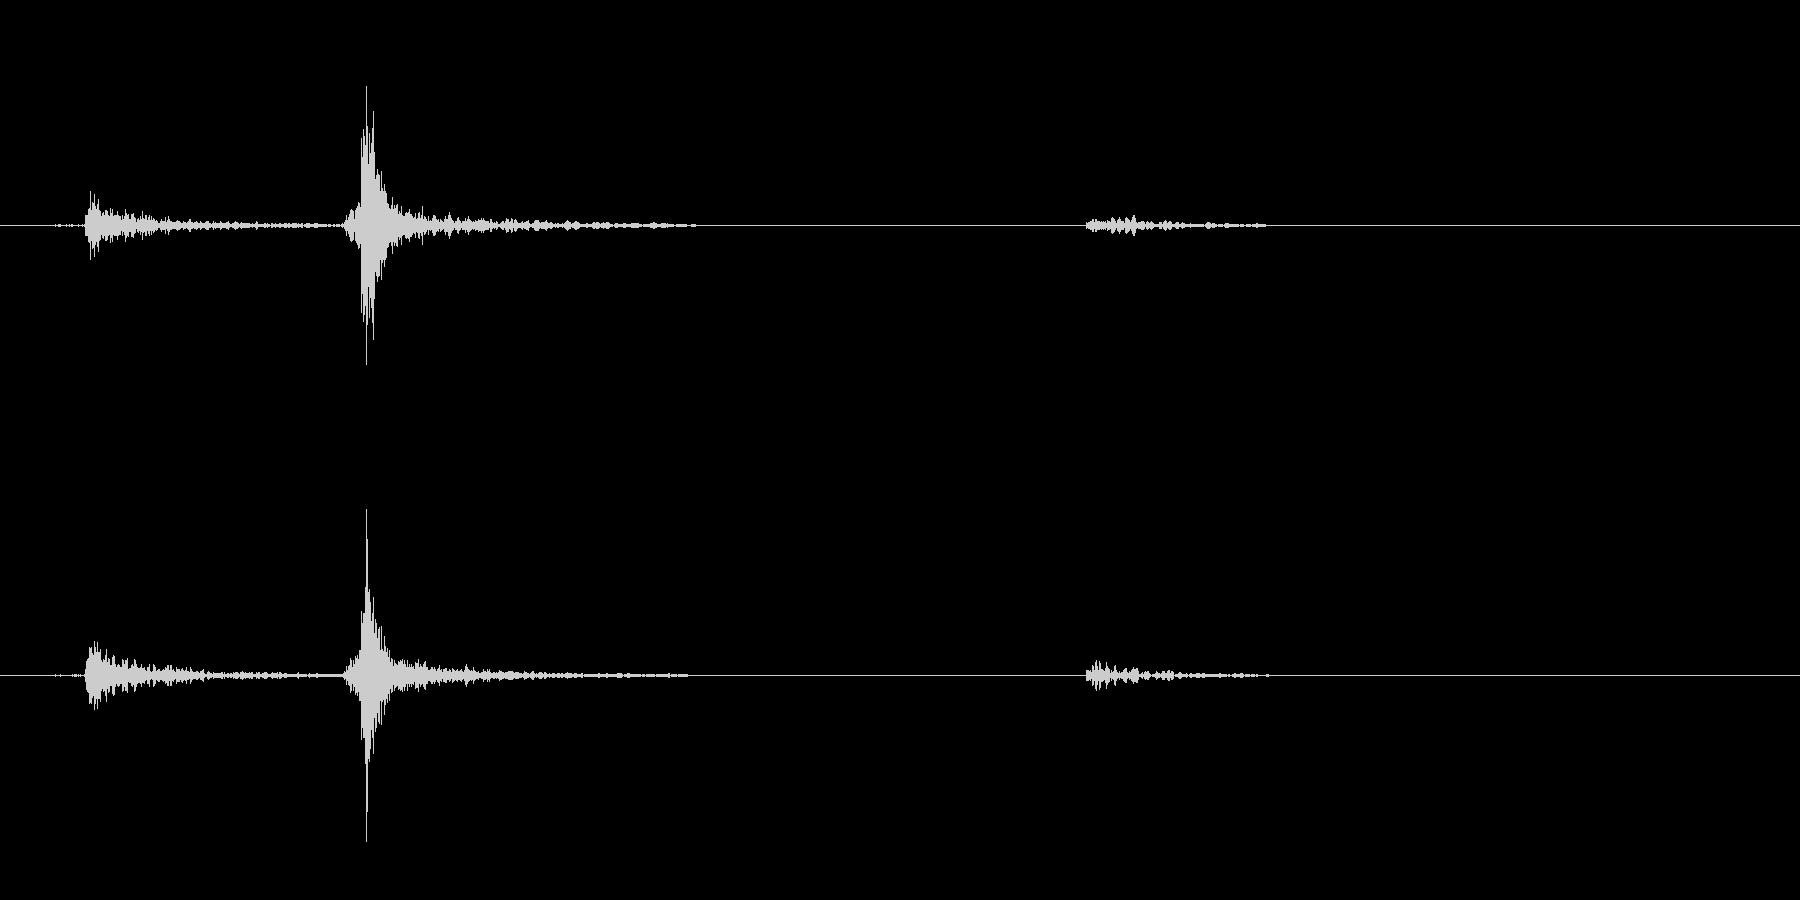 カセットデッキ 電源ボタン カチッの未再生の波形